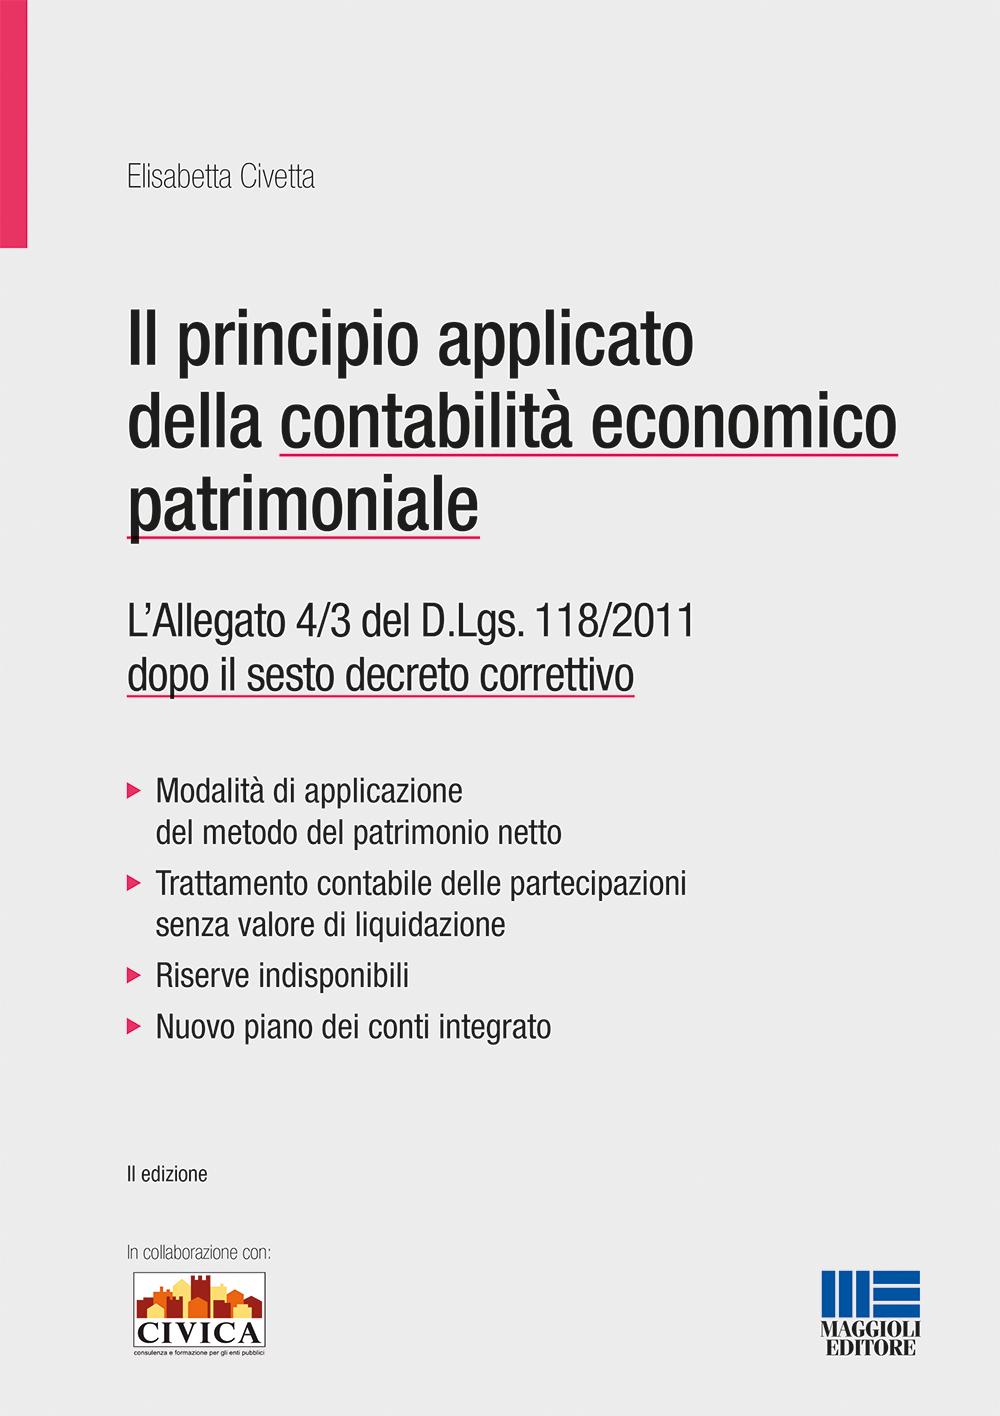 Il principio applicato della contabilità economico patrimoniale